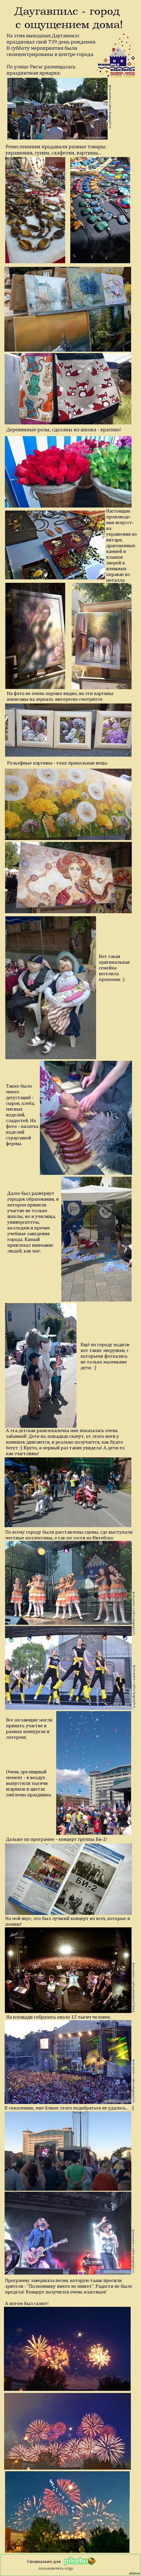 День города в Даугавпилсе. Часть первая, субботняя. Фотографии мои, плюс с наших местных сайтов